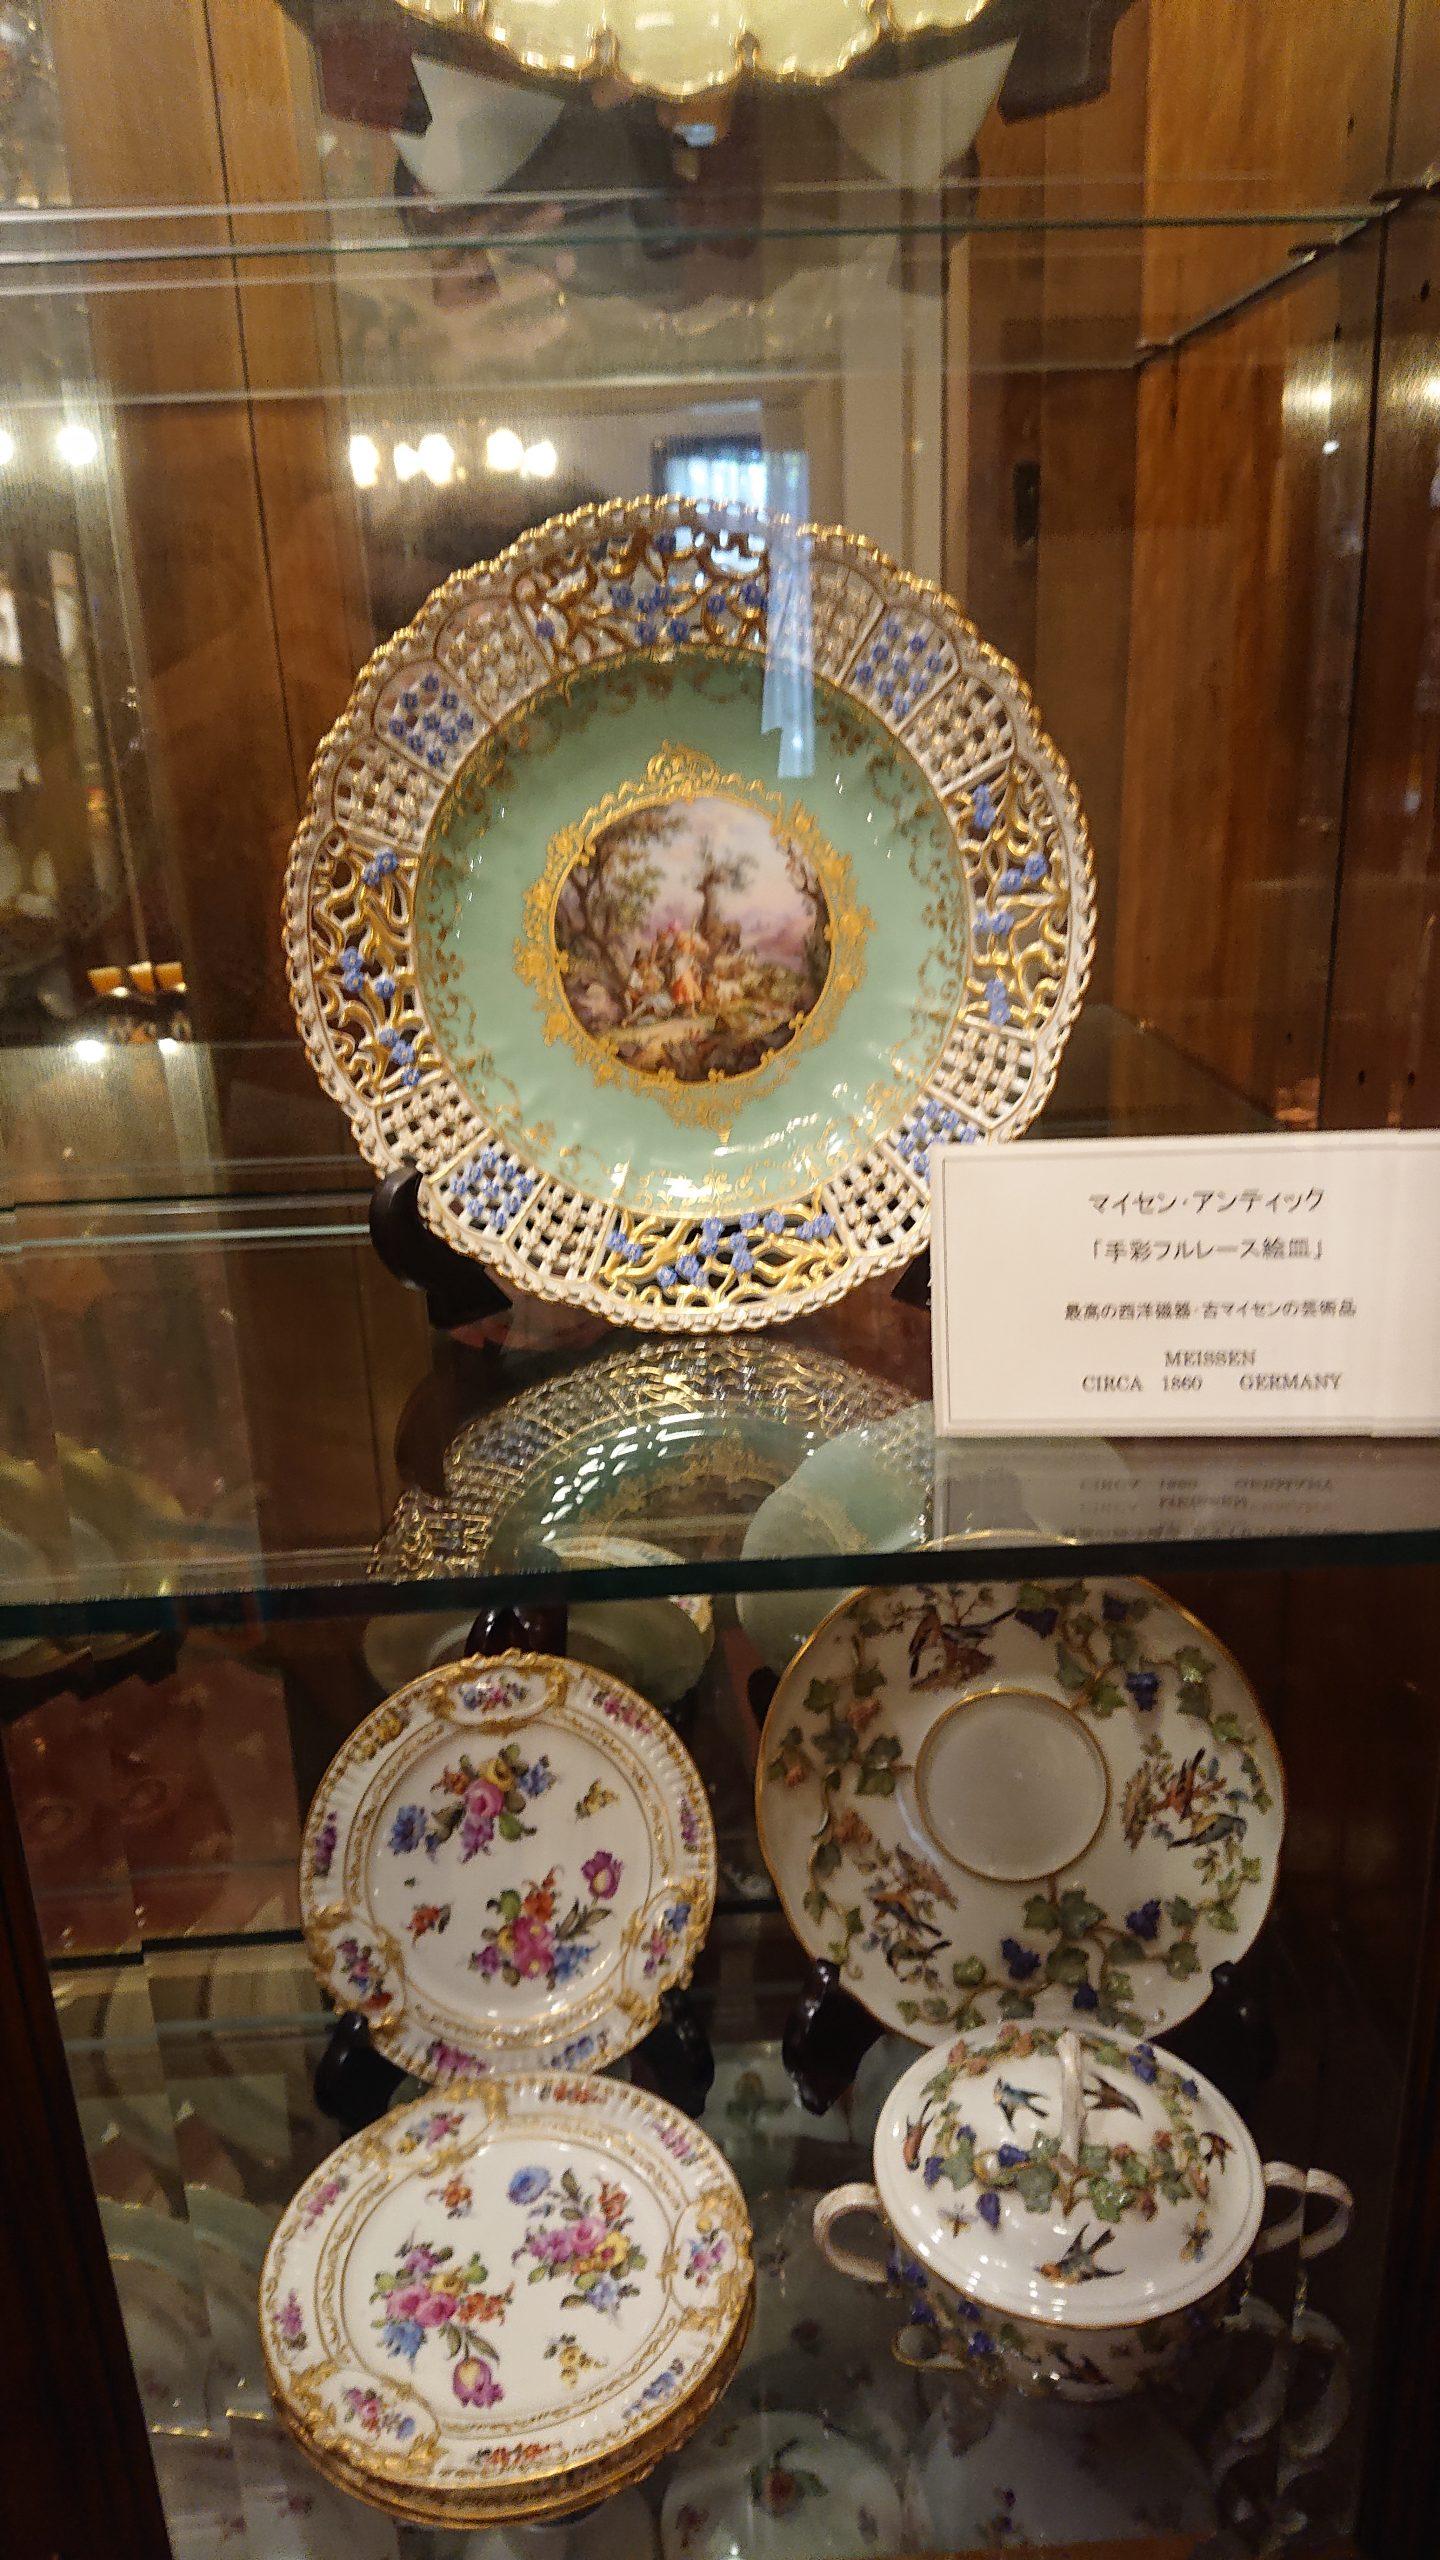 マイセンの絵皿